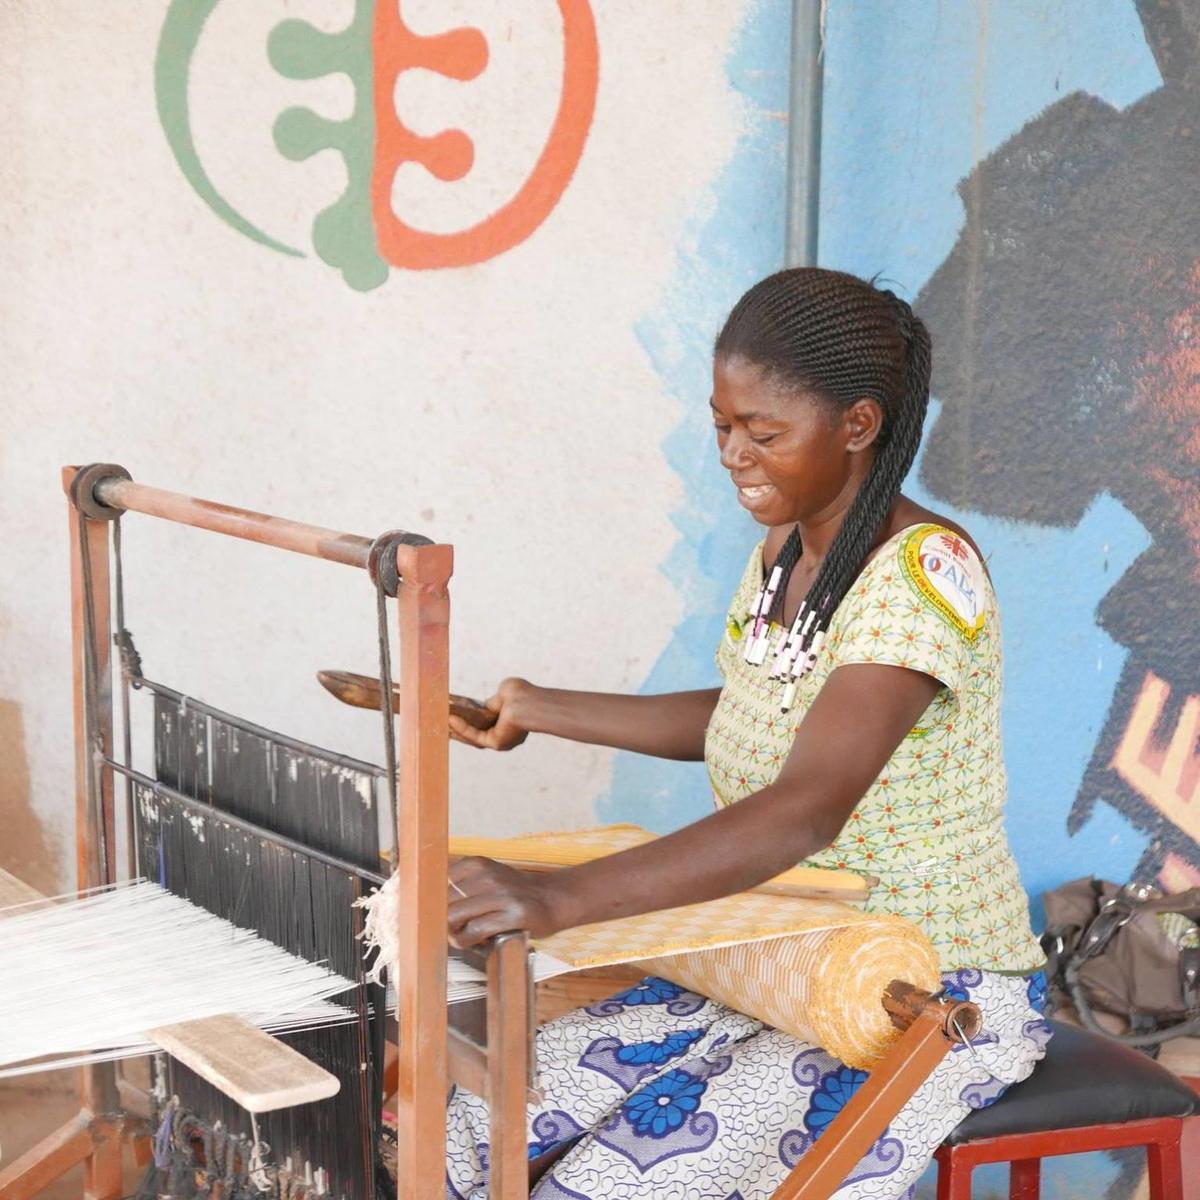 Voyage dans les coulisses de fabrication d'une basket Panafrica - Marie-Elévèe - formation tissage - Afrikatiss